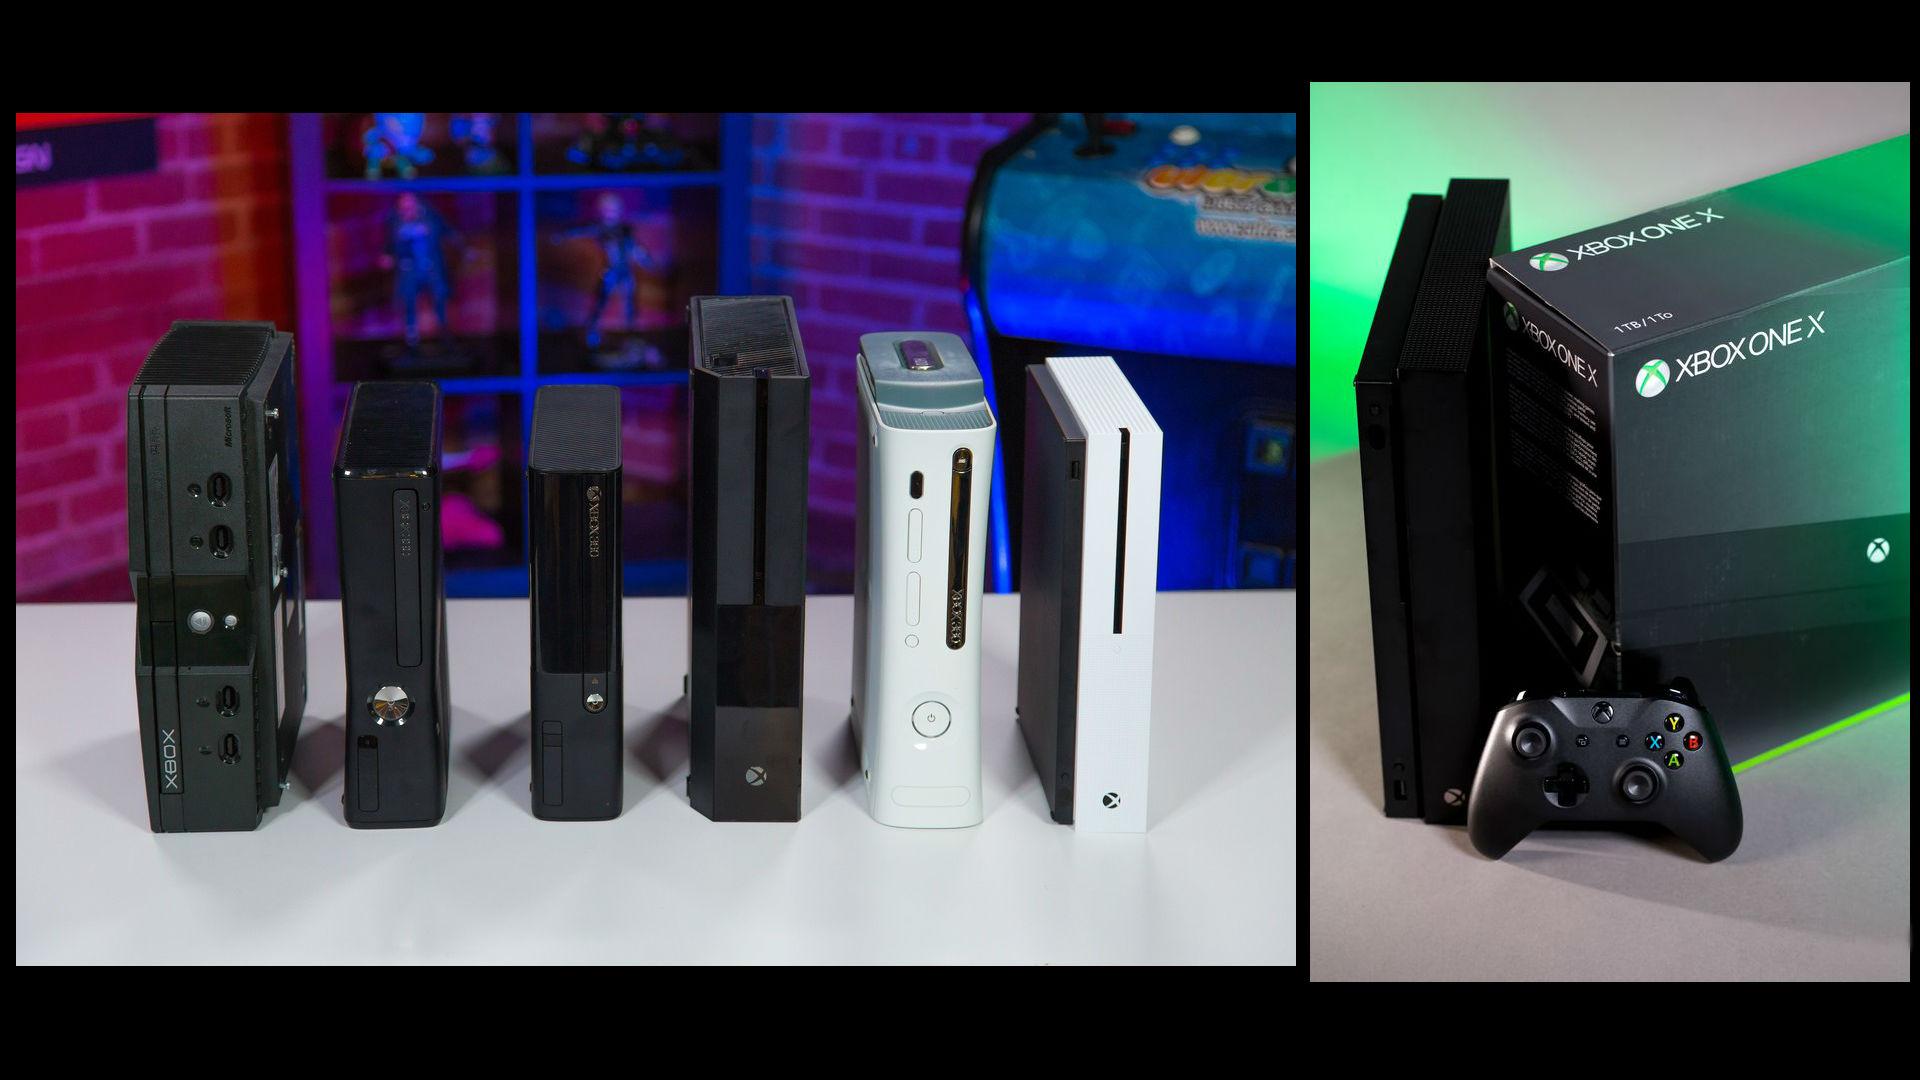 xbox von der xbox classic bis zur xbox one x ein blick. Black Bedroom Furniture Sets. Home Design Ideas